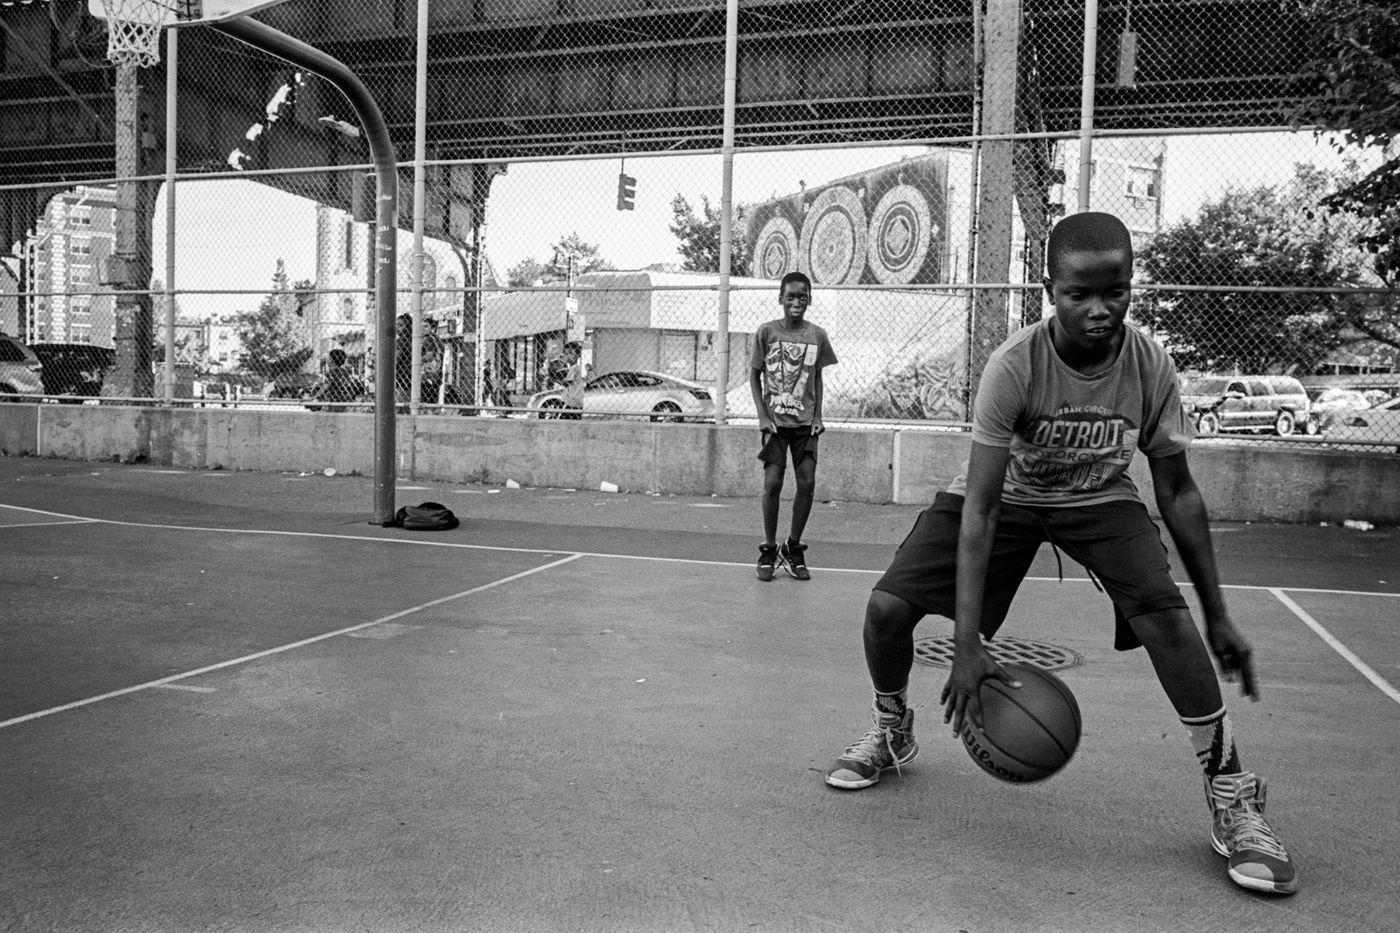 """Résultat de recherche d'images pour """"the cage playground basketball"""""""